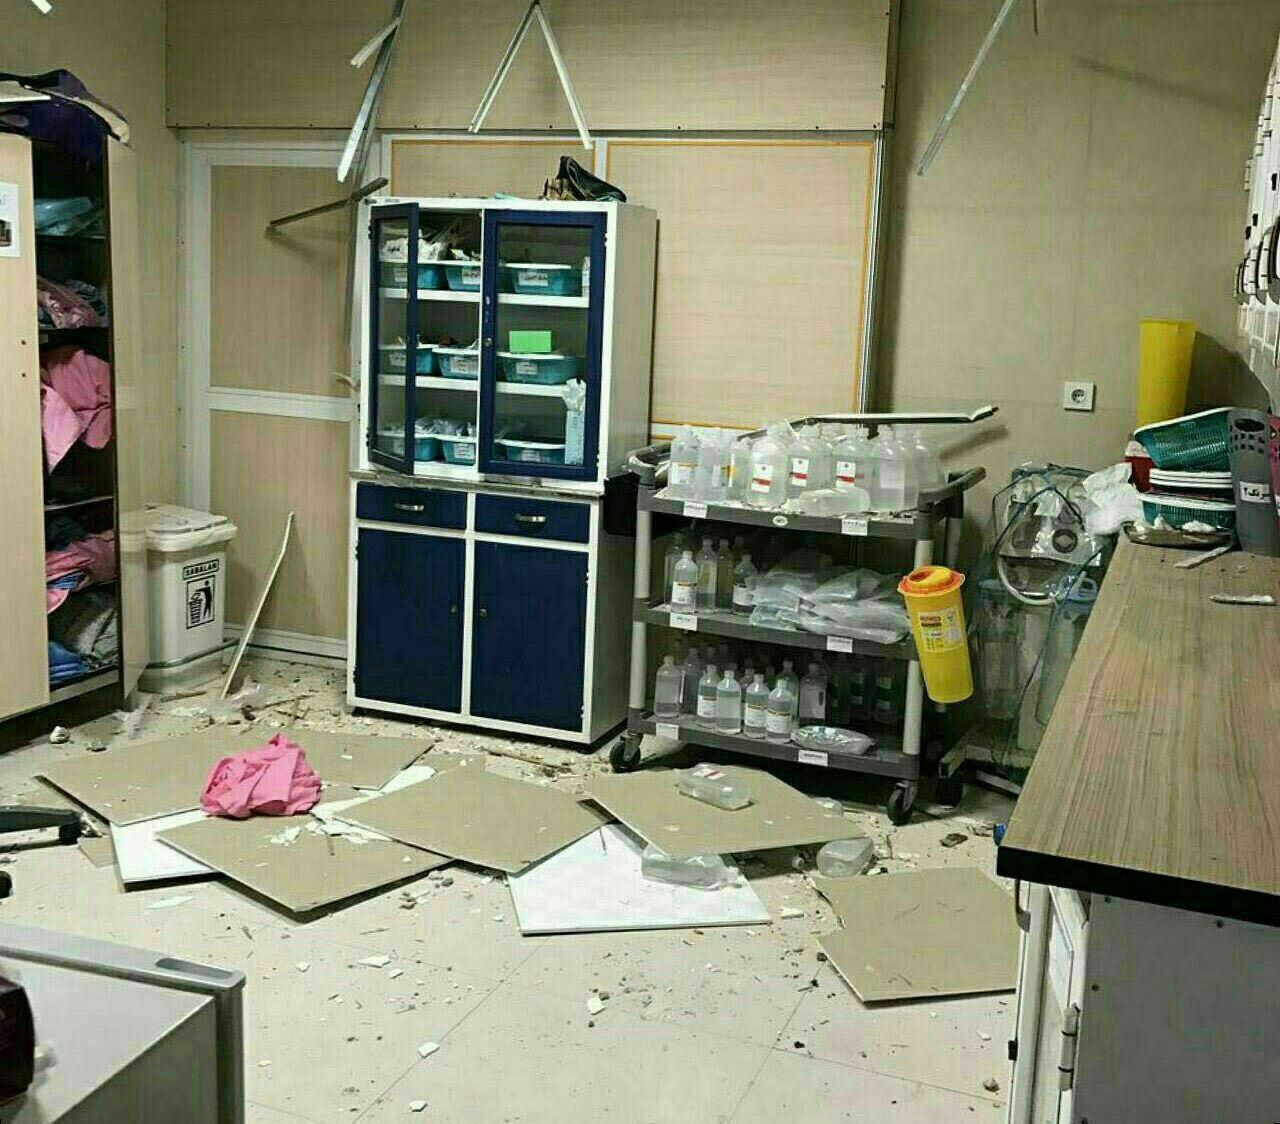 ریزش سقف بخش جراحی زنان یک بیمارستان! + عکس